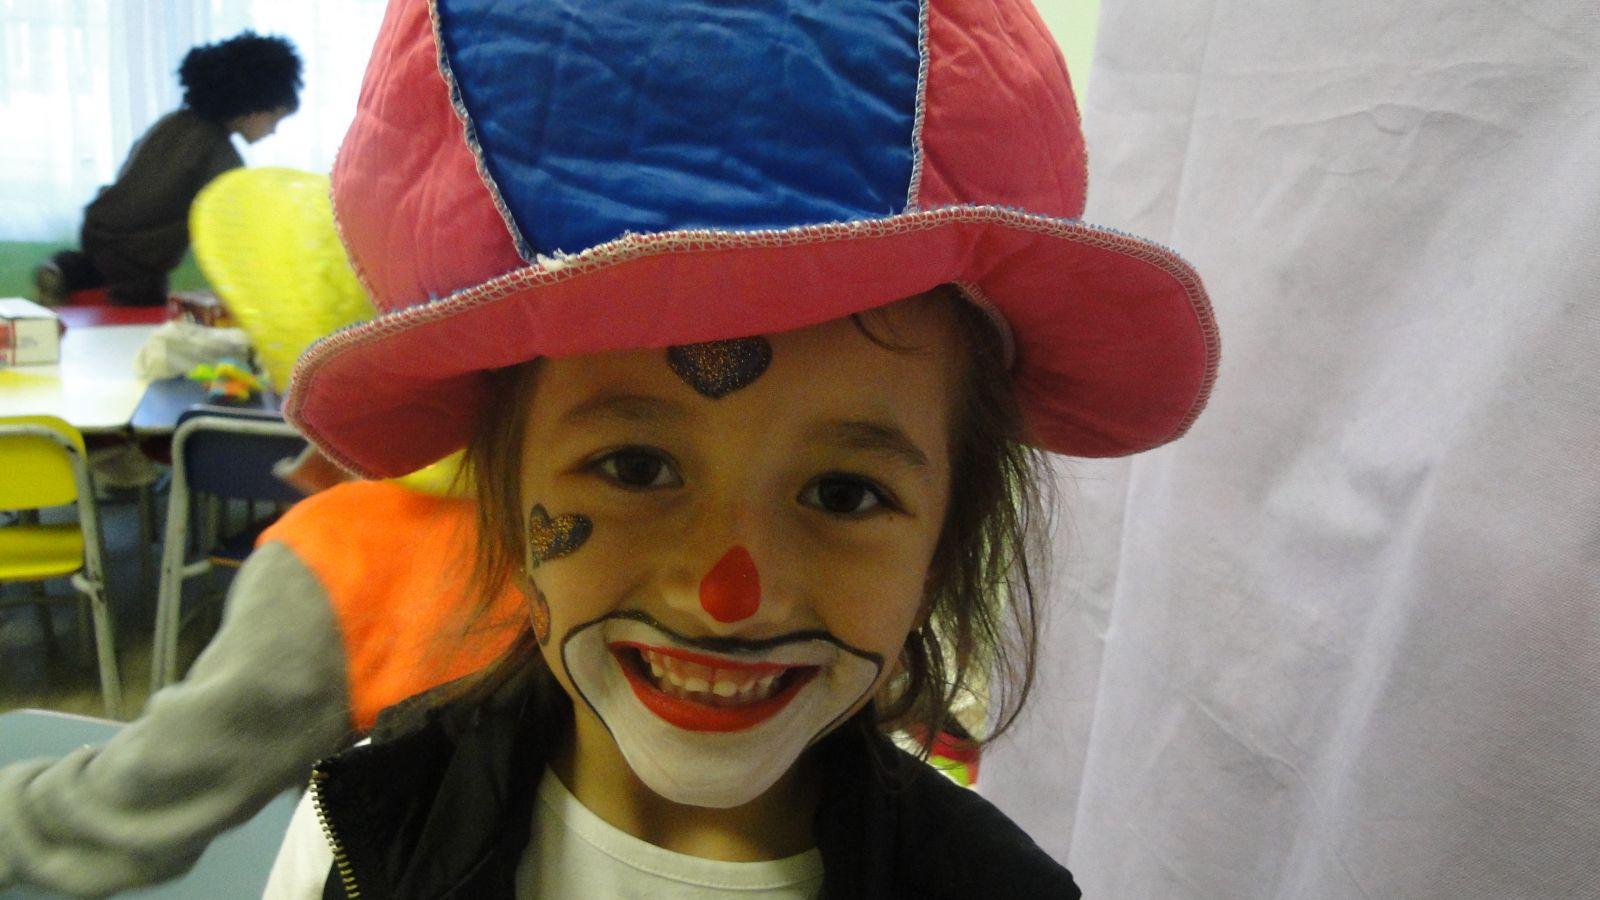 Resultado de imagem para crianças pintando rosto palhacinho